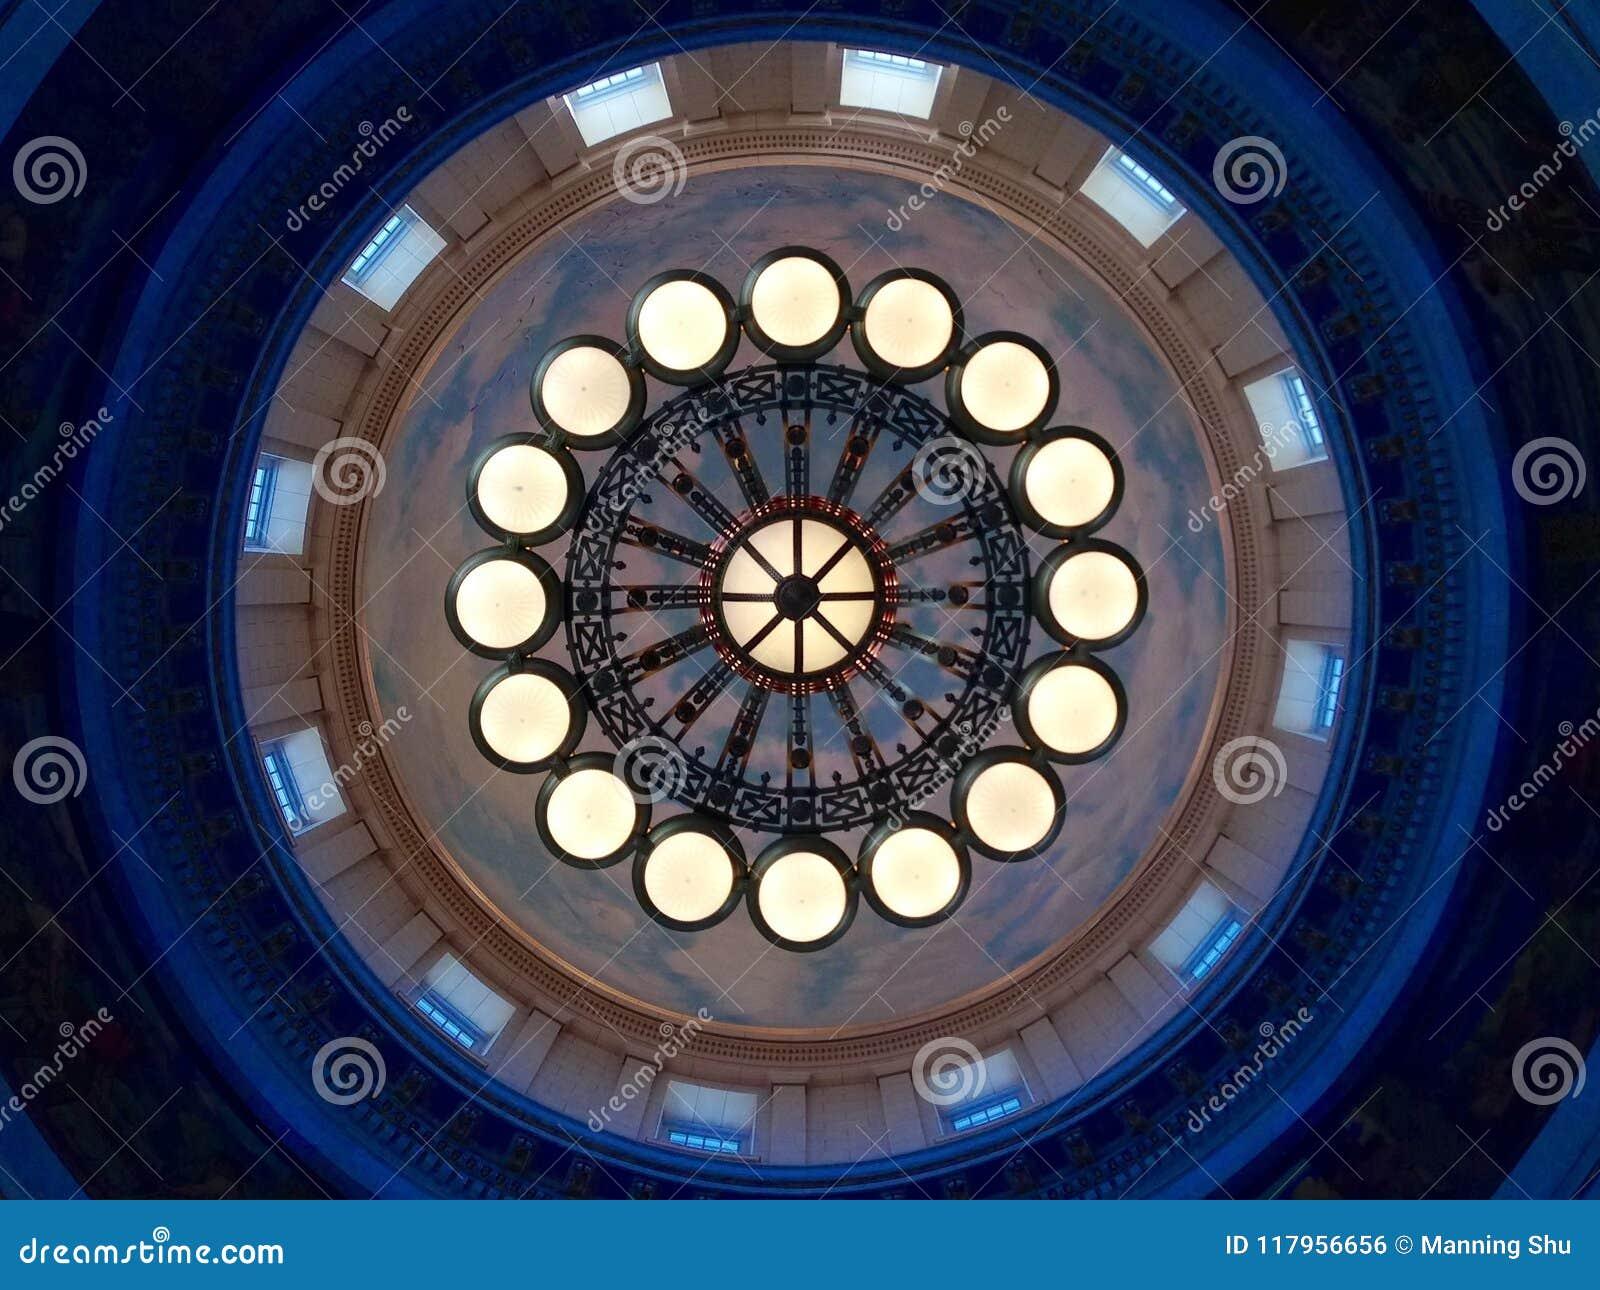 Konzentrisches Kreismuster von Lichtern